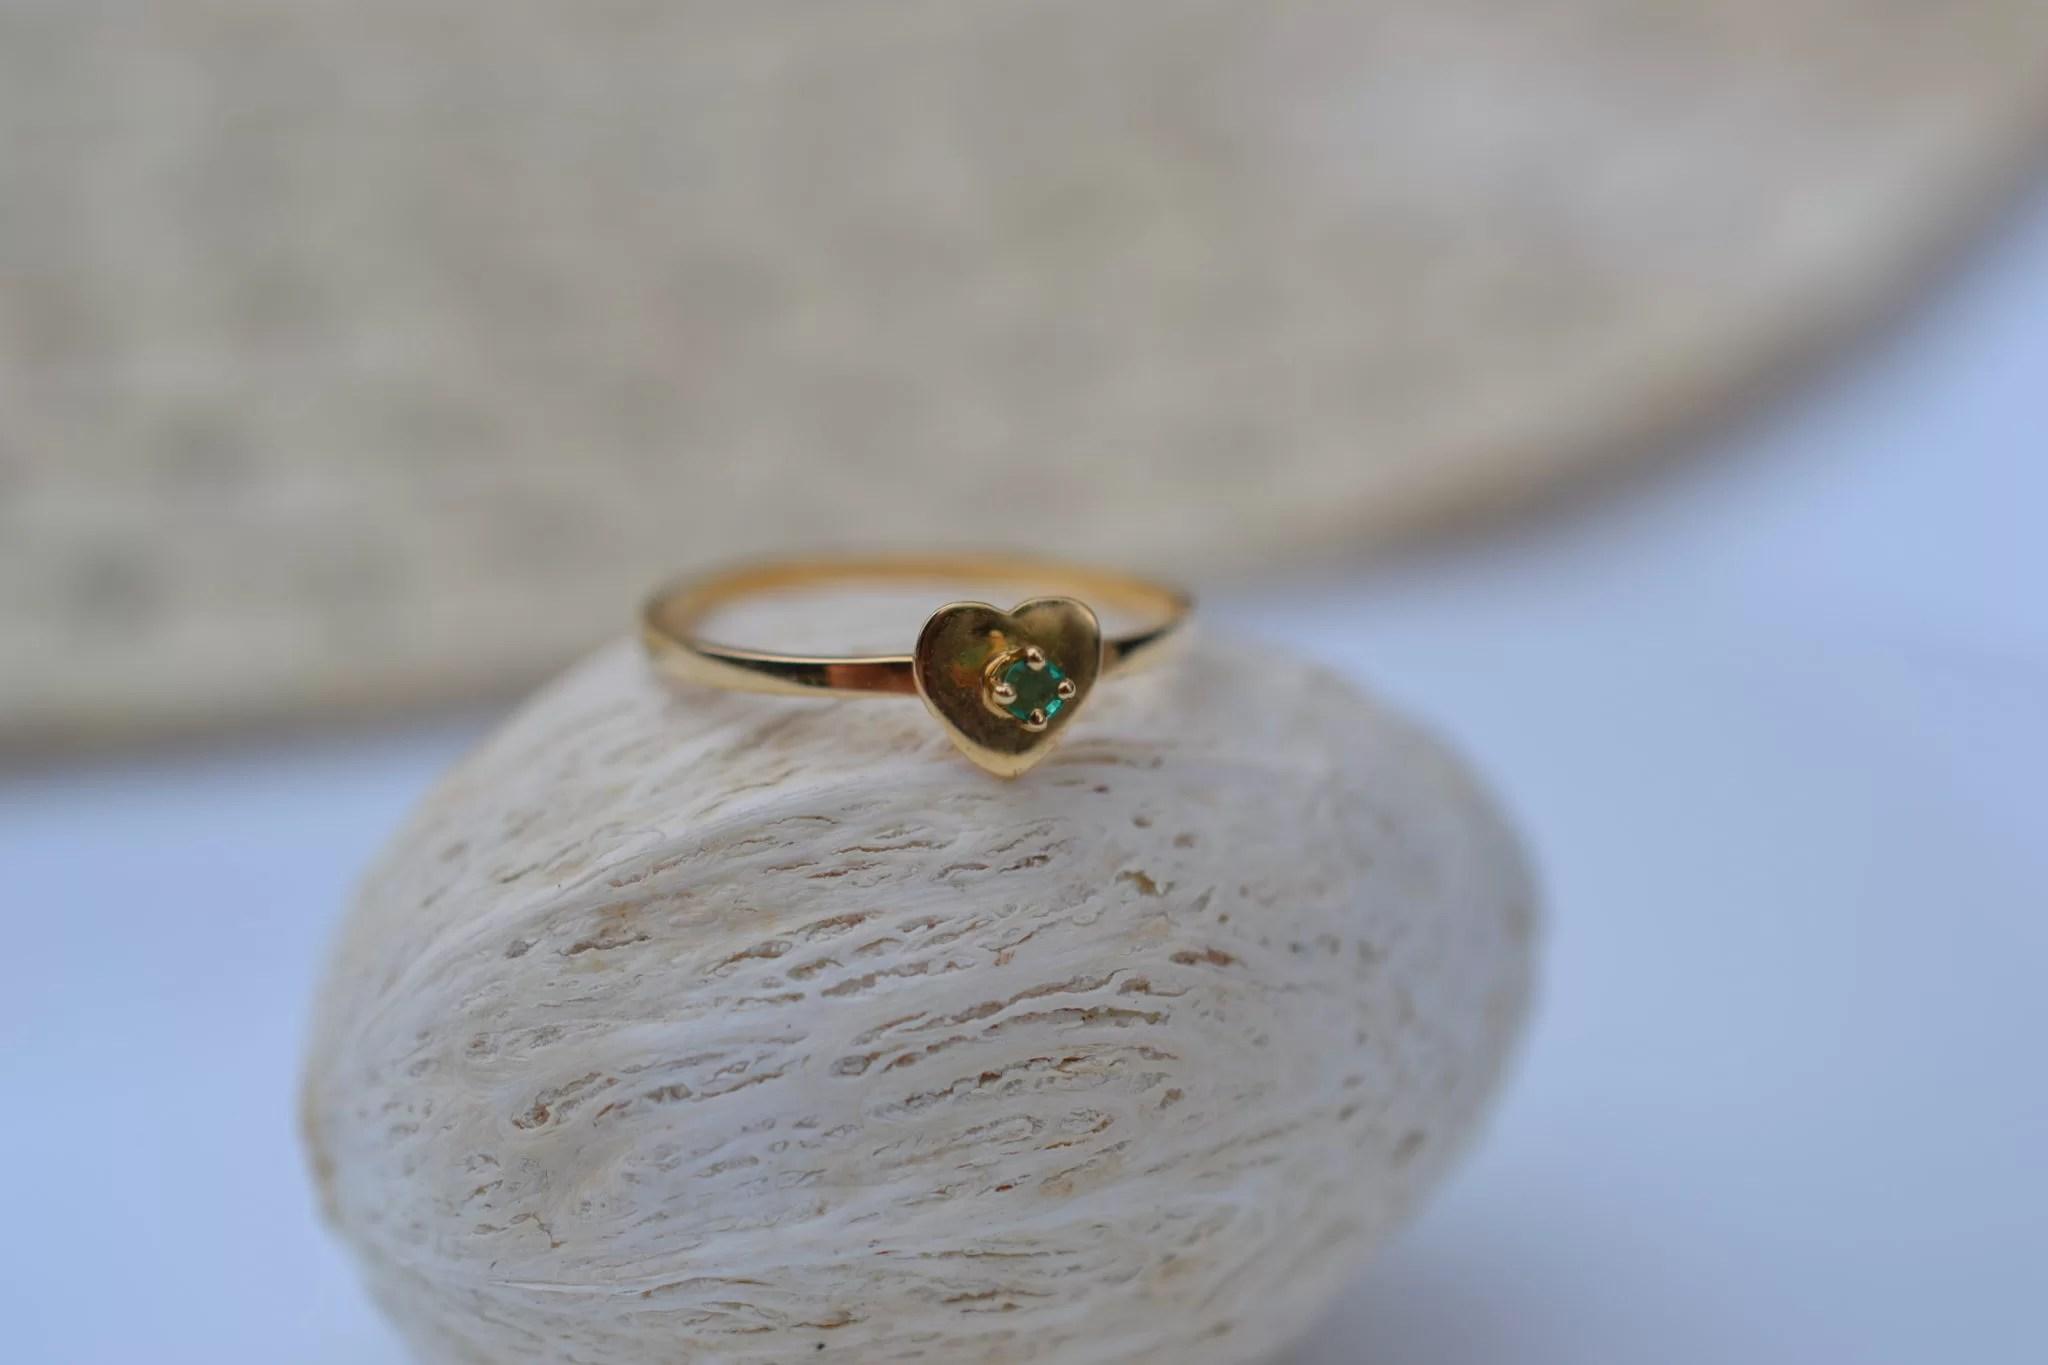 Bague en Or jaune sertie d'une pierre verte sur une monture en forme de cœur bijou seconde main